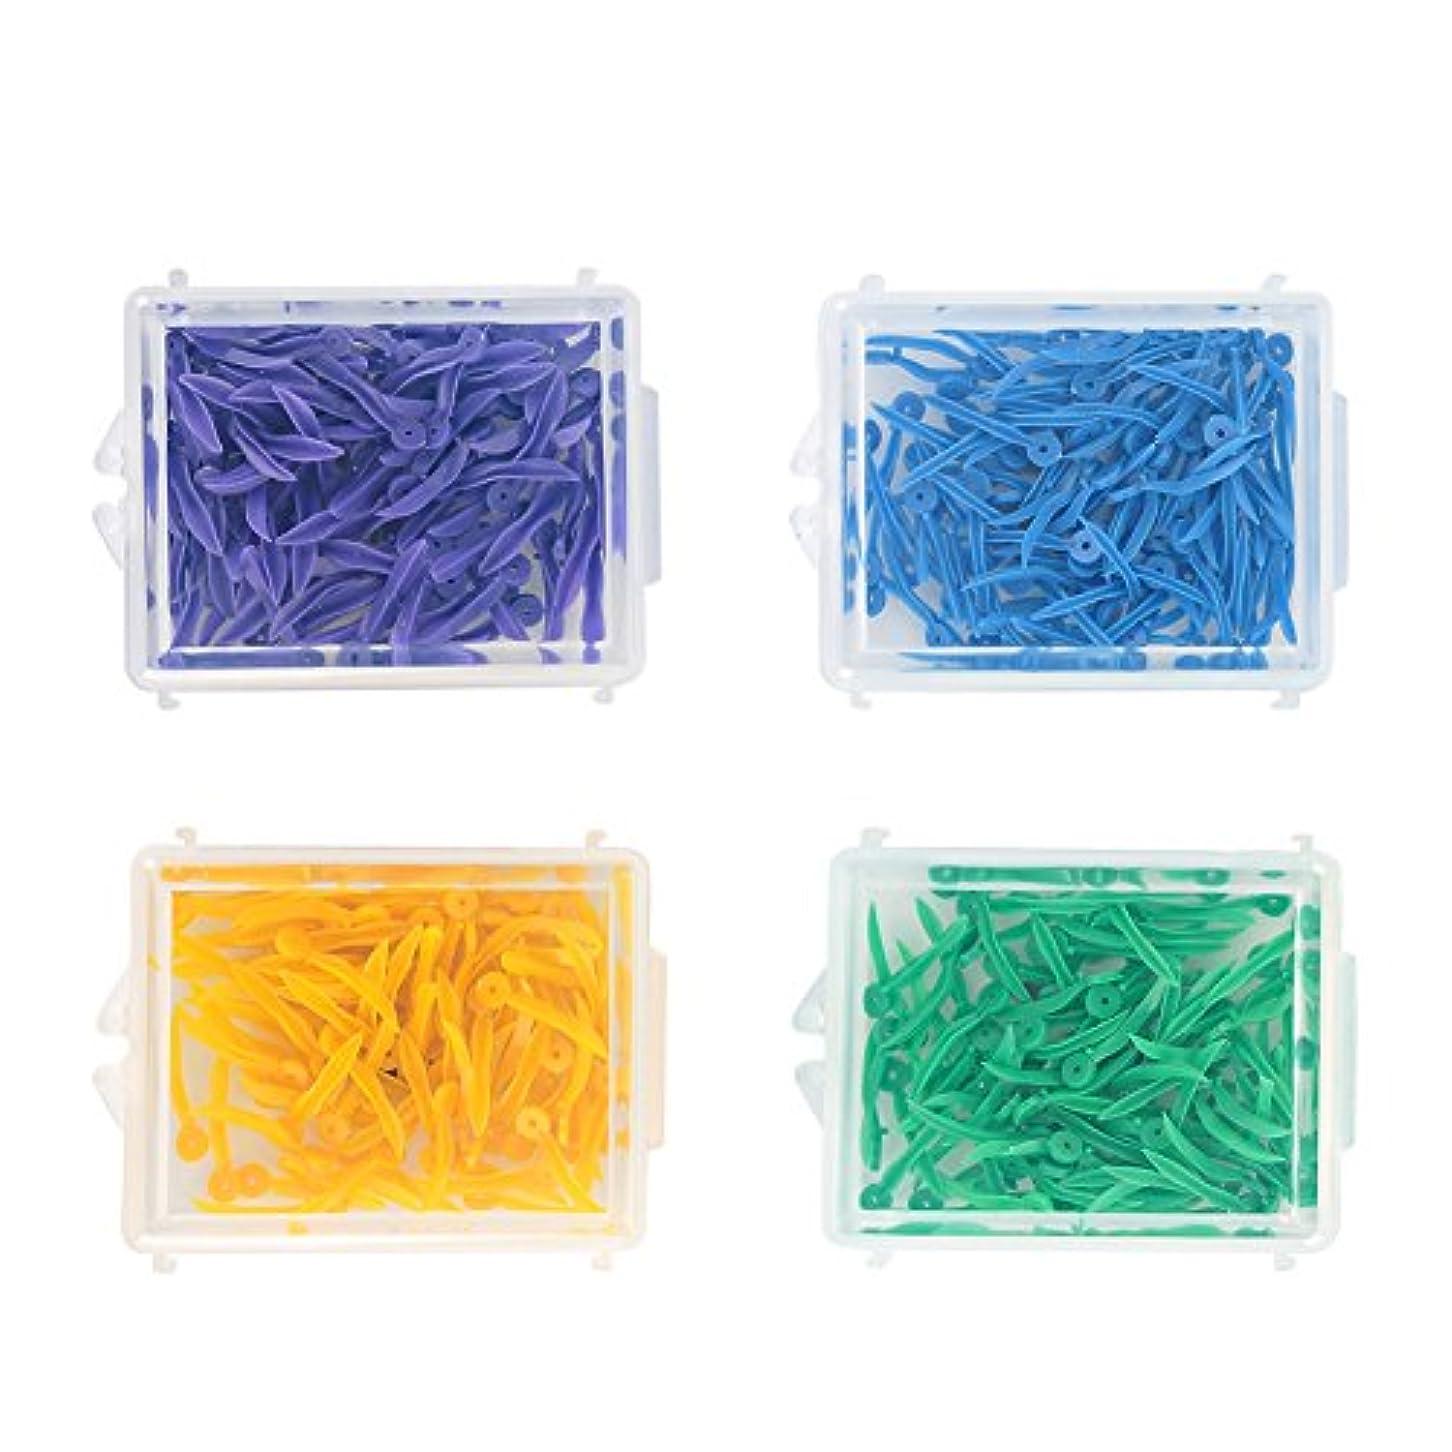 スラッシュ鷹エトナ山400pcs使い捨て歯科用プラスチック製くさびすべての4つのサイズウェーブシェイプウェッジ